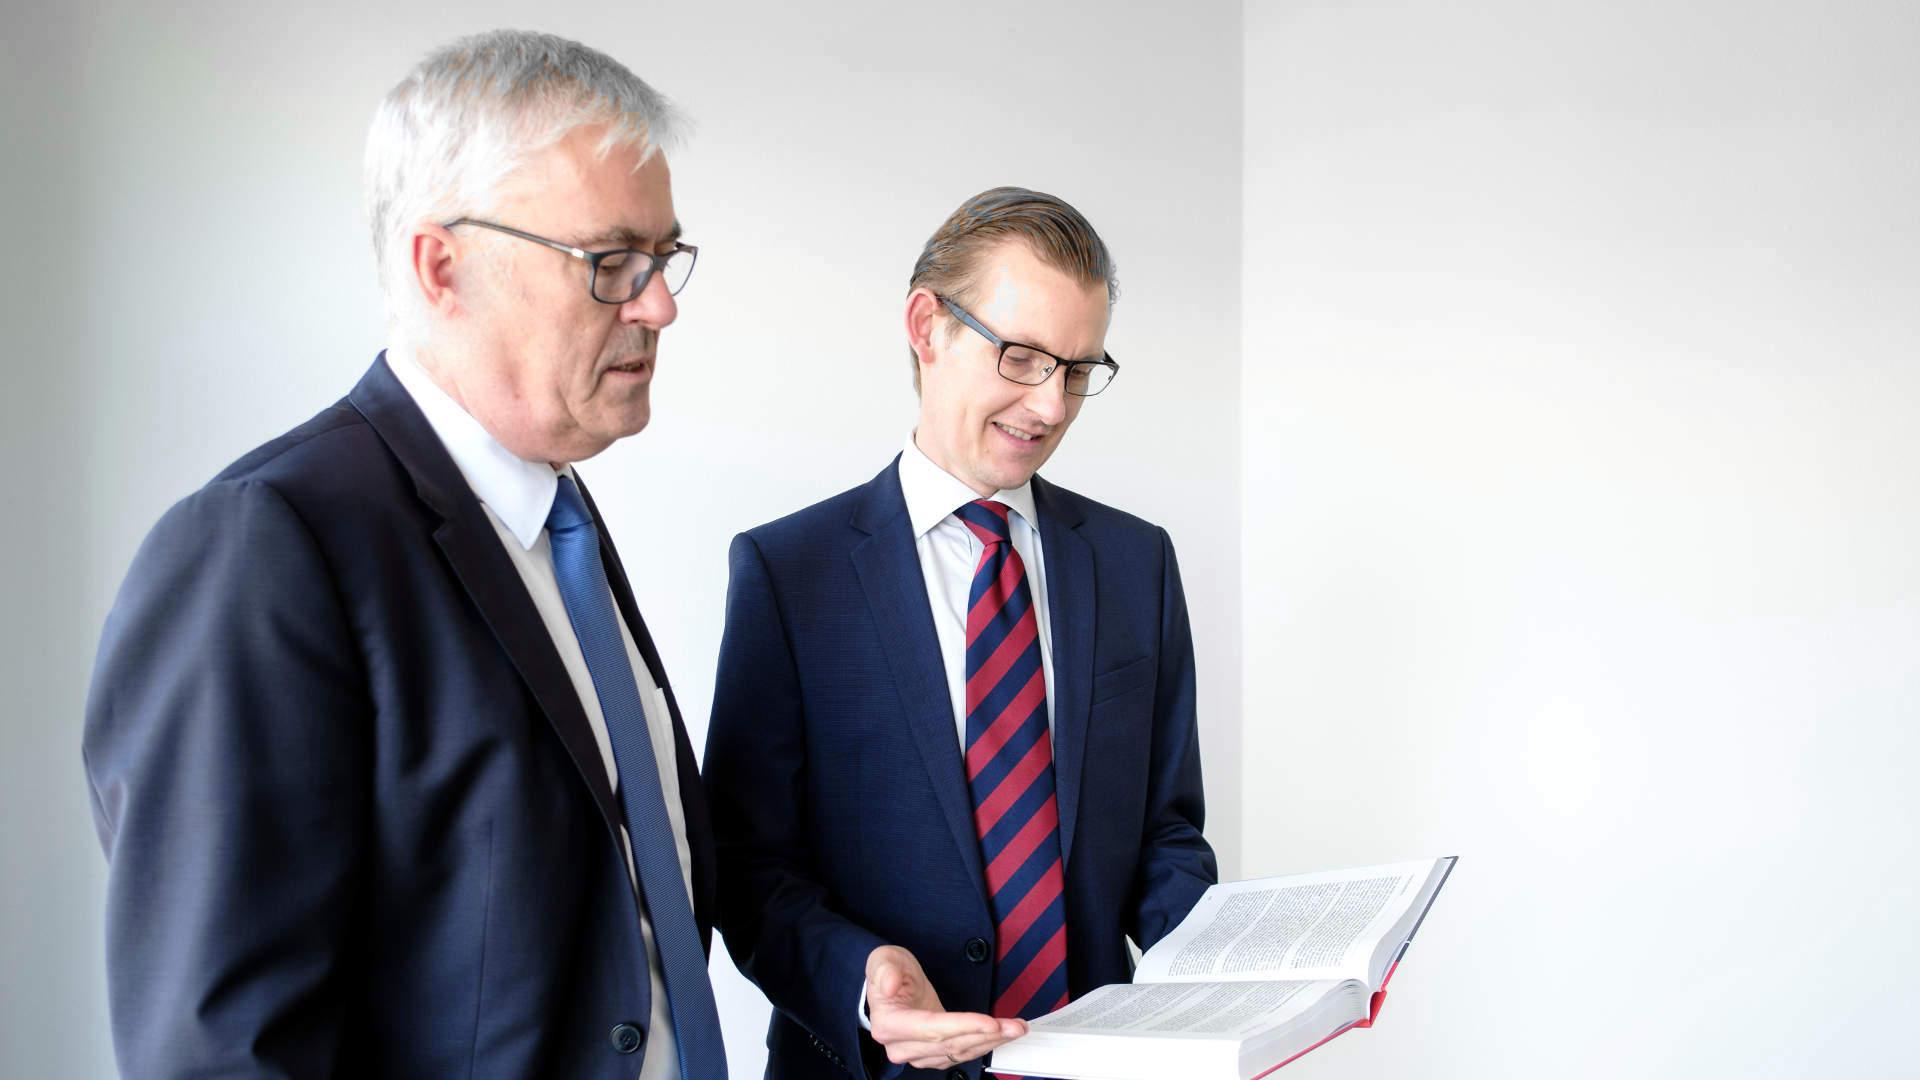 Diskussion in der Kanzlei Flügel Preissner Schober Seidel in München